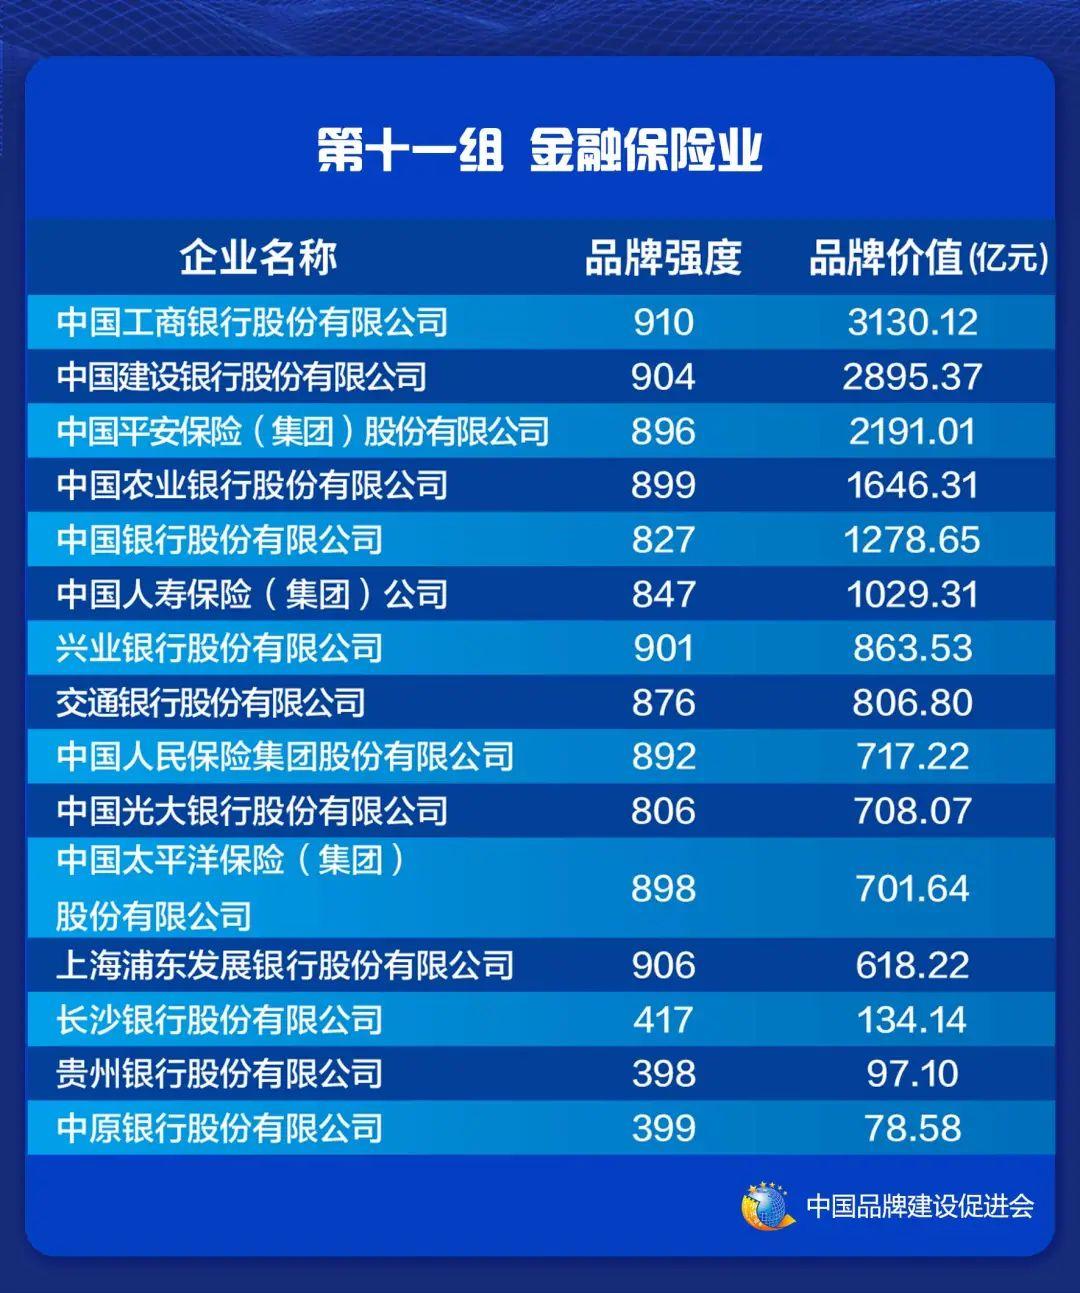 2021中国品牌价值评价信息在上海发布(图13)